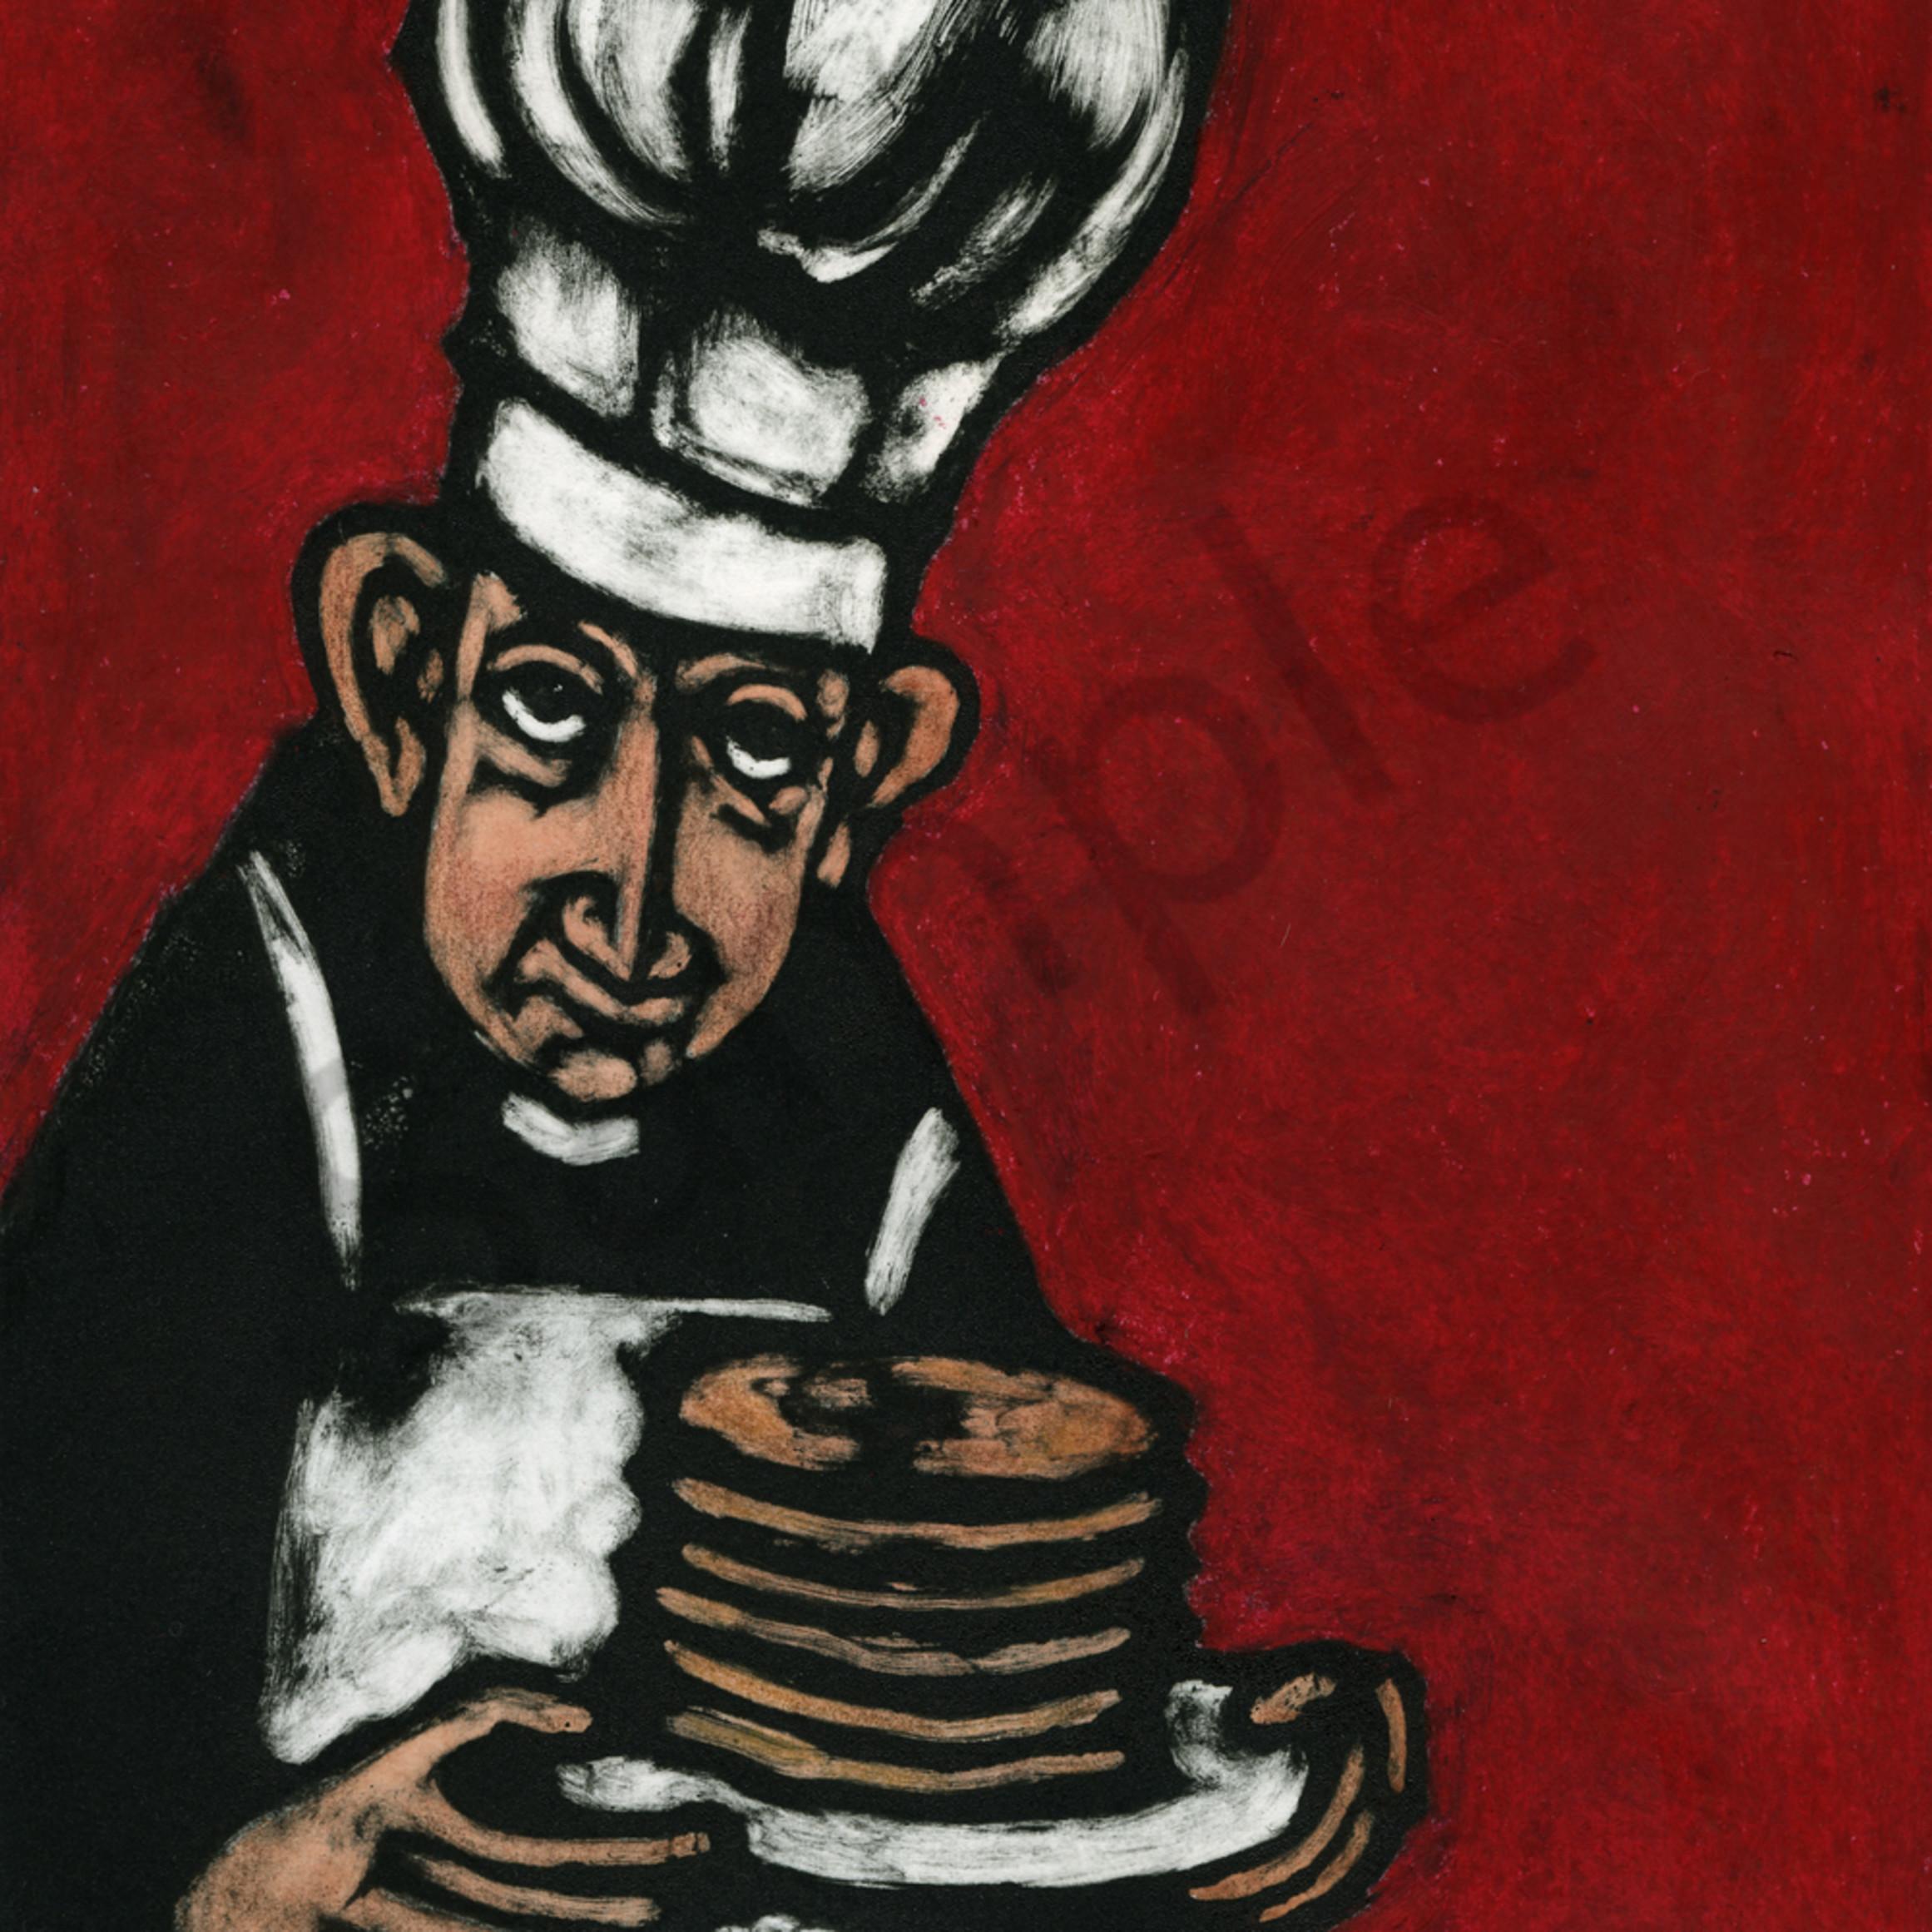 Father lepardo s big stack txhyfx